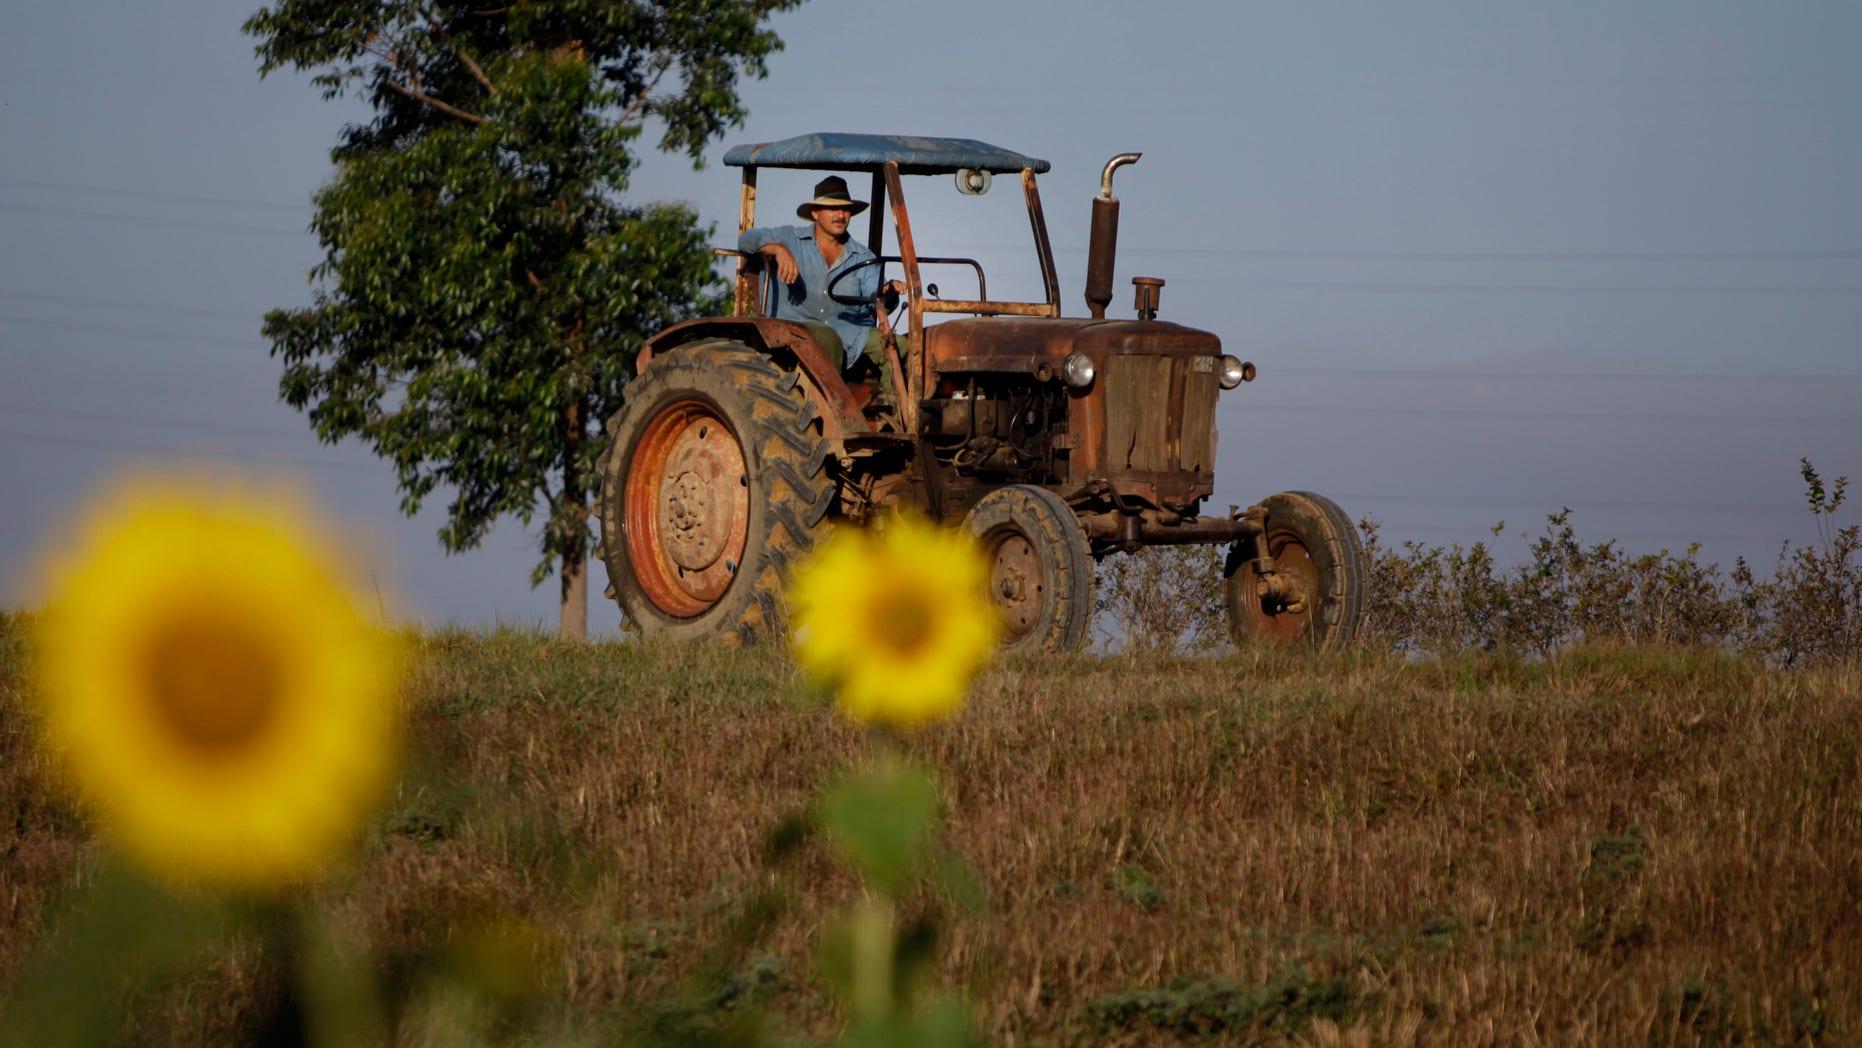 Feb. 22, 2011: A farmer drives his tractor in Pinar del Rio, Cuba.